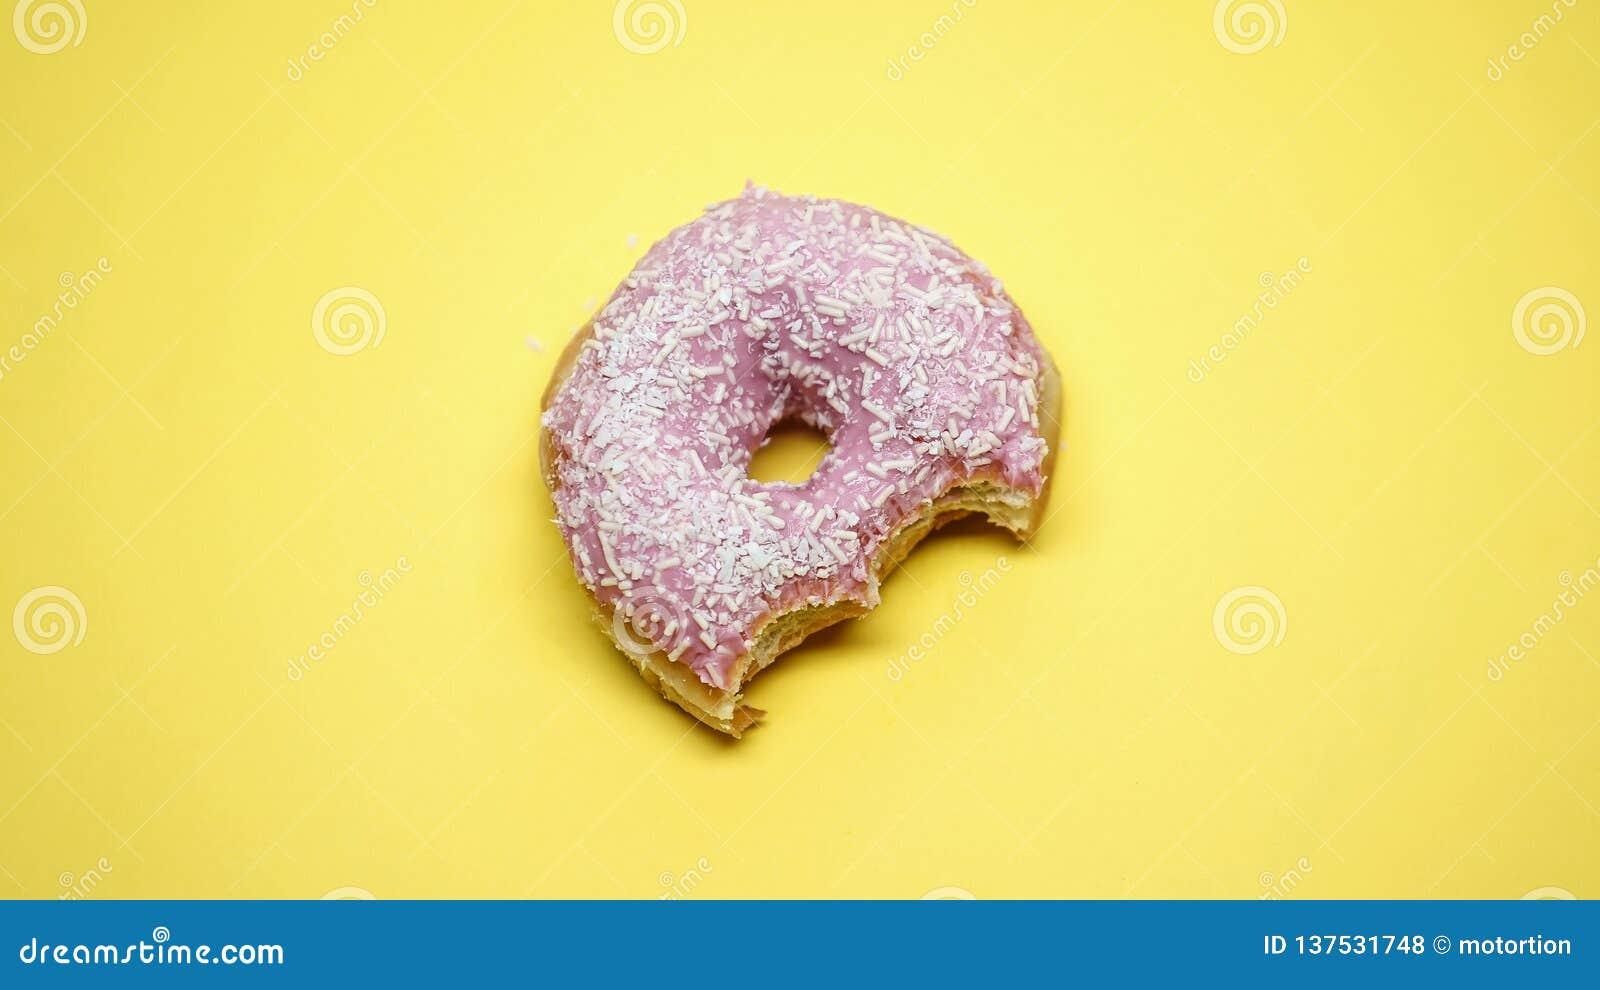 被咬住的多福饼,肥腻垃圾食品,在经期前的综合症期间的糖瘾